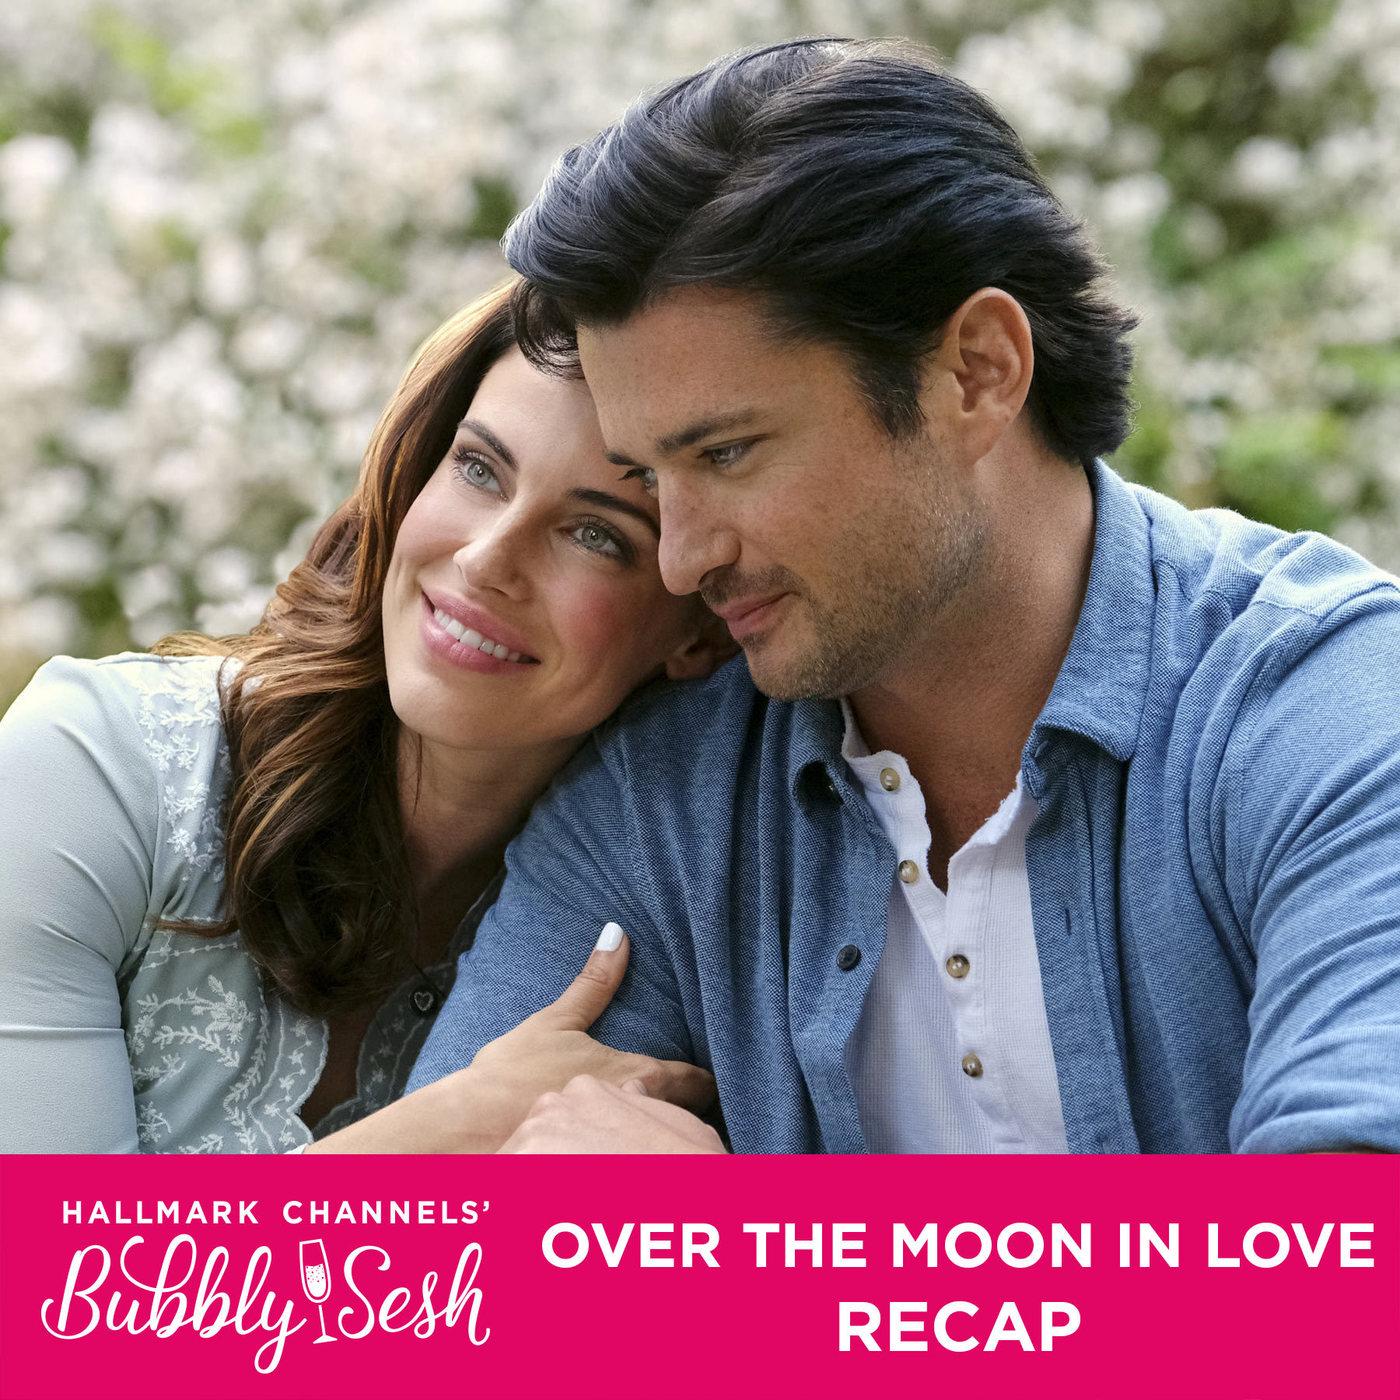 Over the Moon in Love Recap